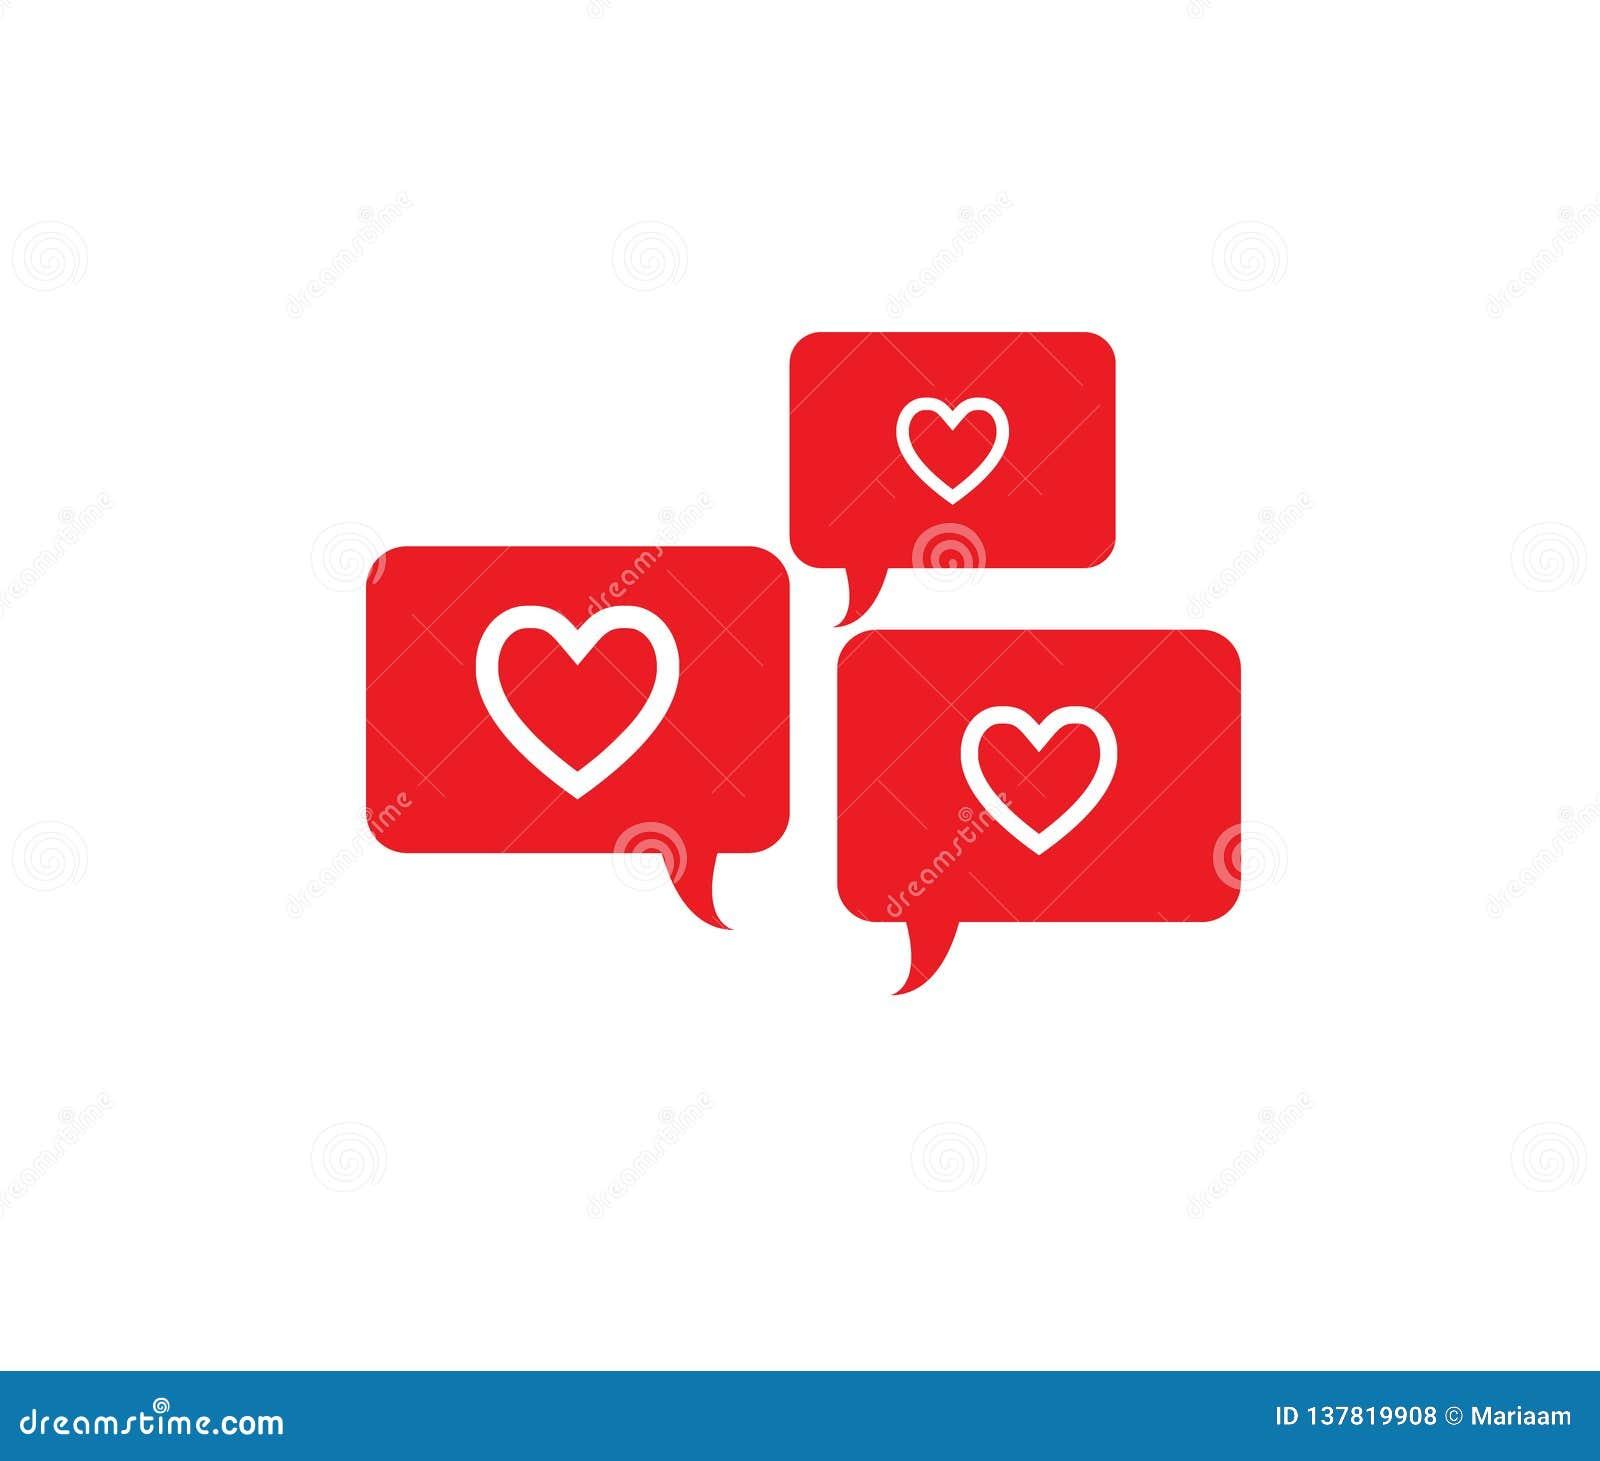 Laat bespreking over liefde, Baby! Het ontwerp van het Webpictogram met rode toespraakbellen en harten